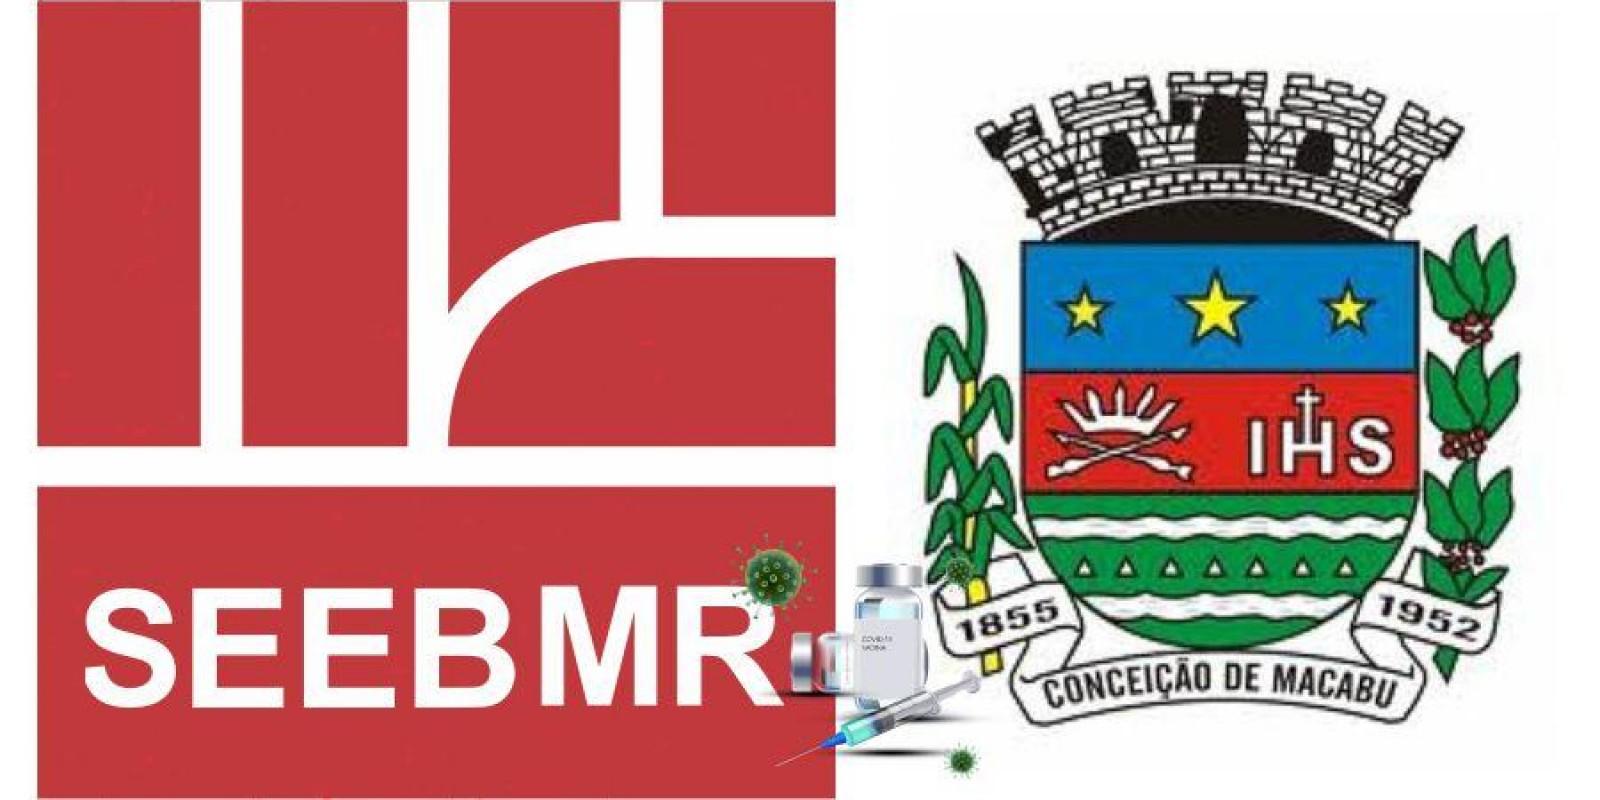 Ofício entregue ao prefeito de Conceição de Macabu Sr. Valmir Lessa pedindo vacina para os bancários (as).